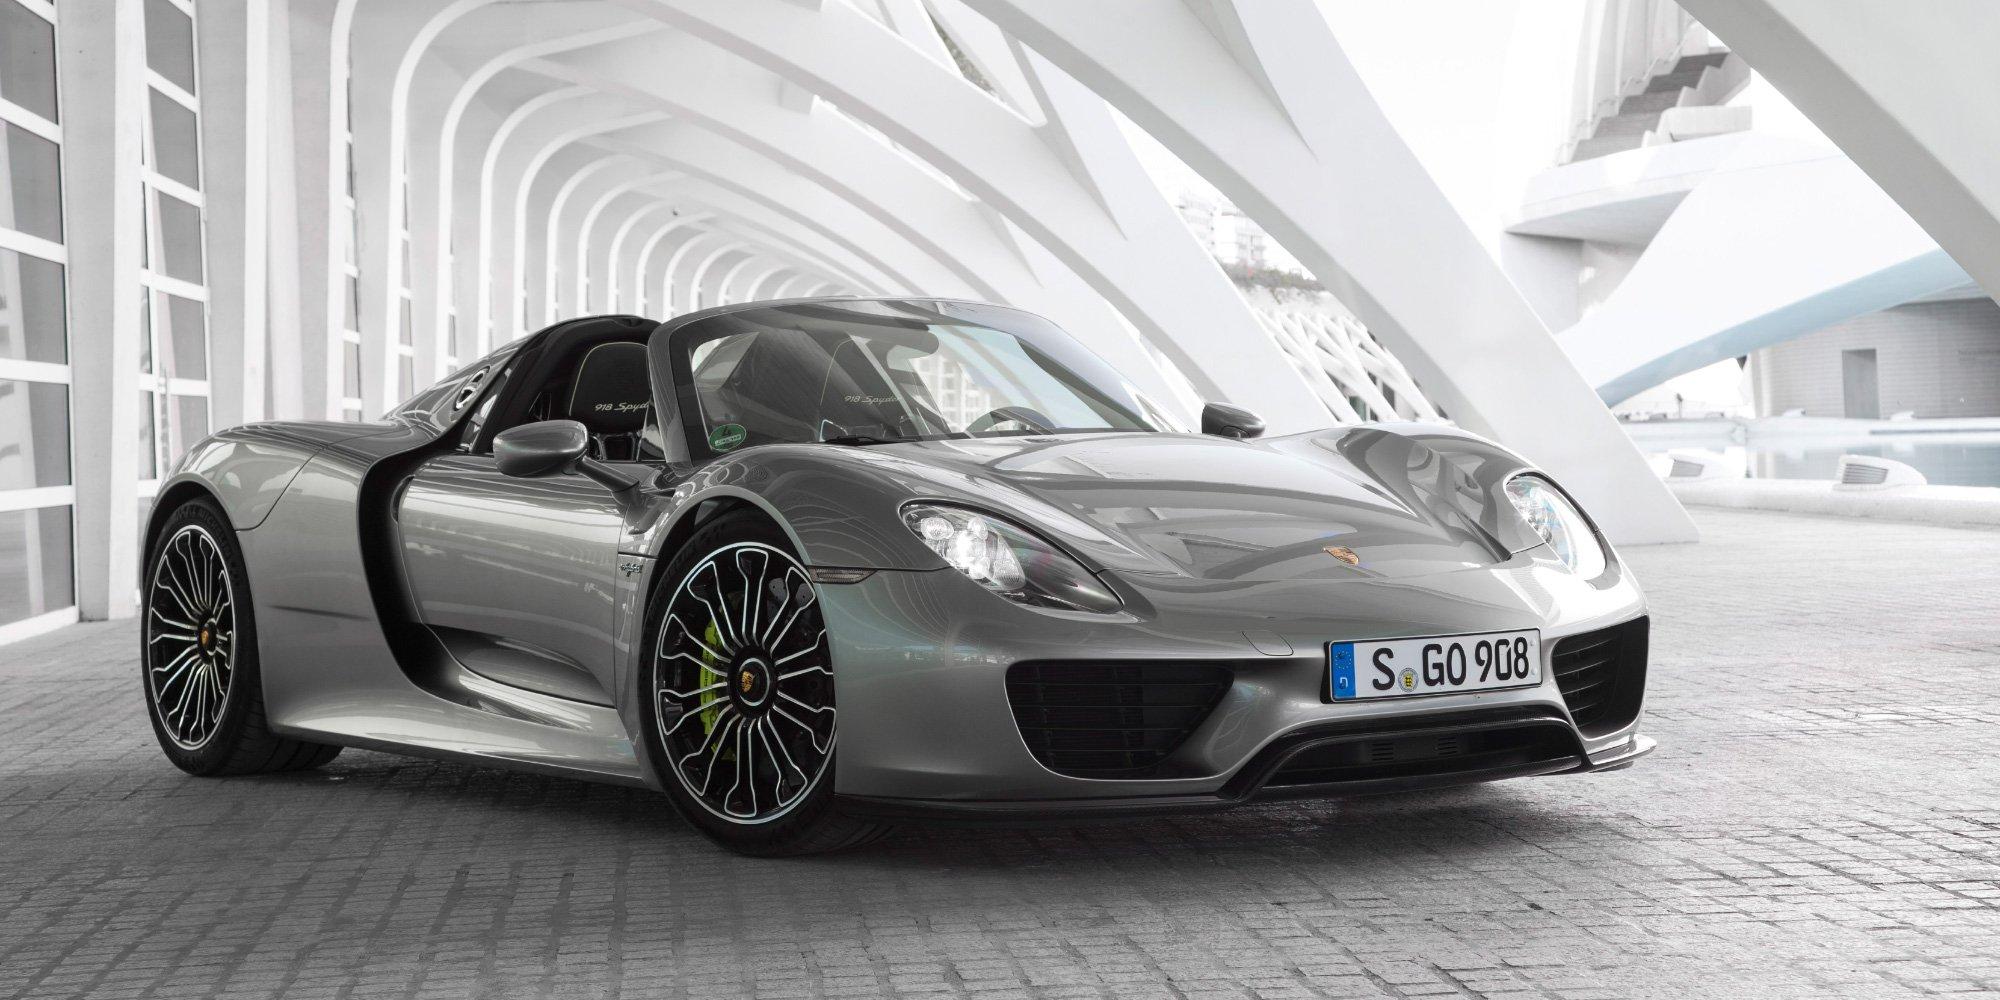 2014-porsche-918-spyder-sold-out-2 Fascinating Porsche 918 Spyder Fiyat Listesi Cars Trend